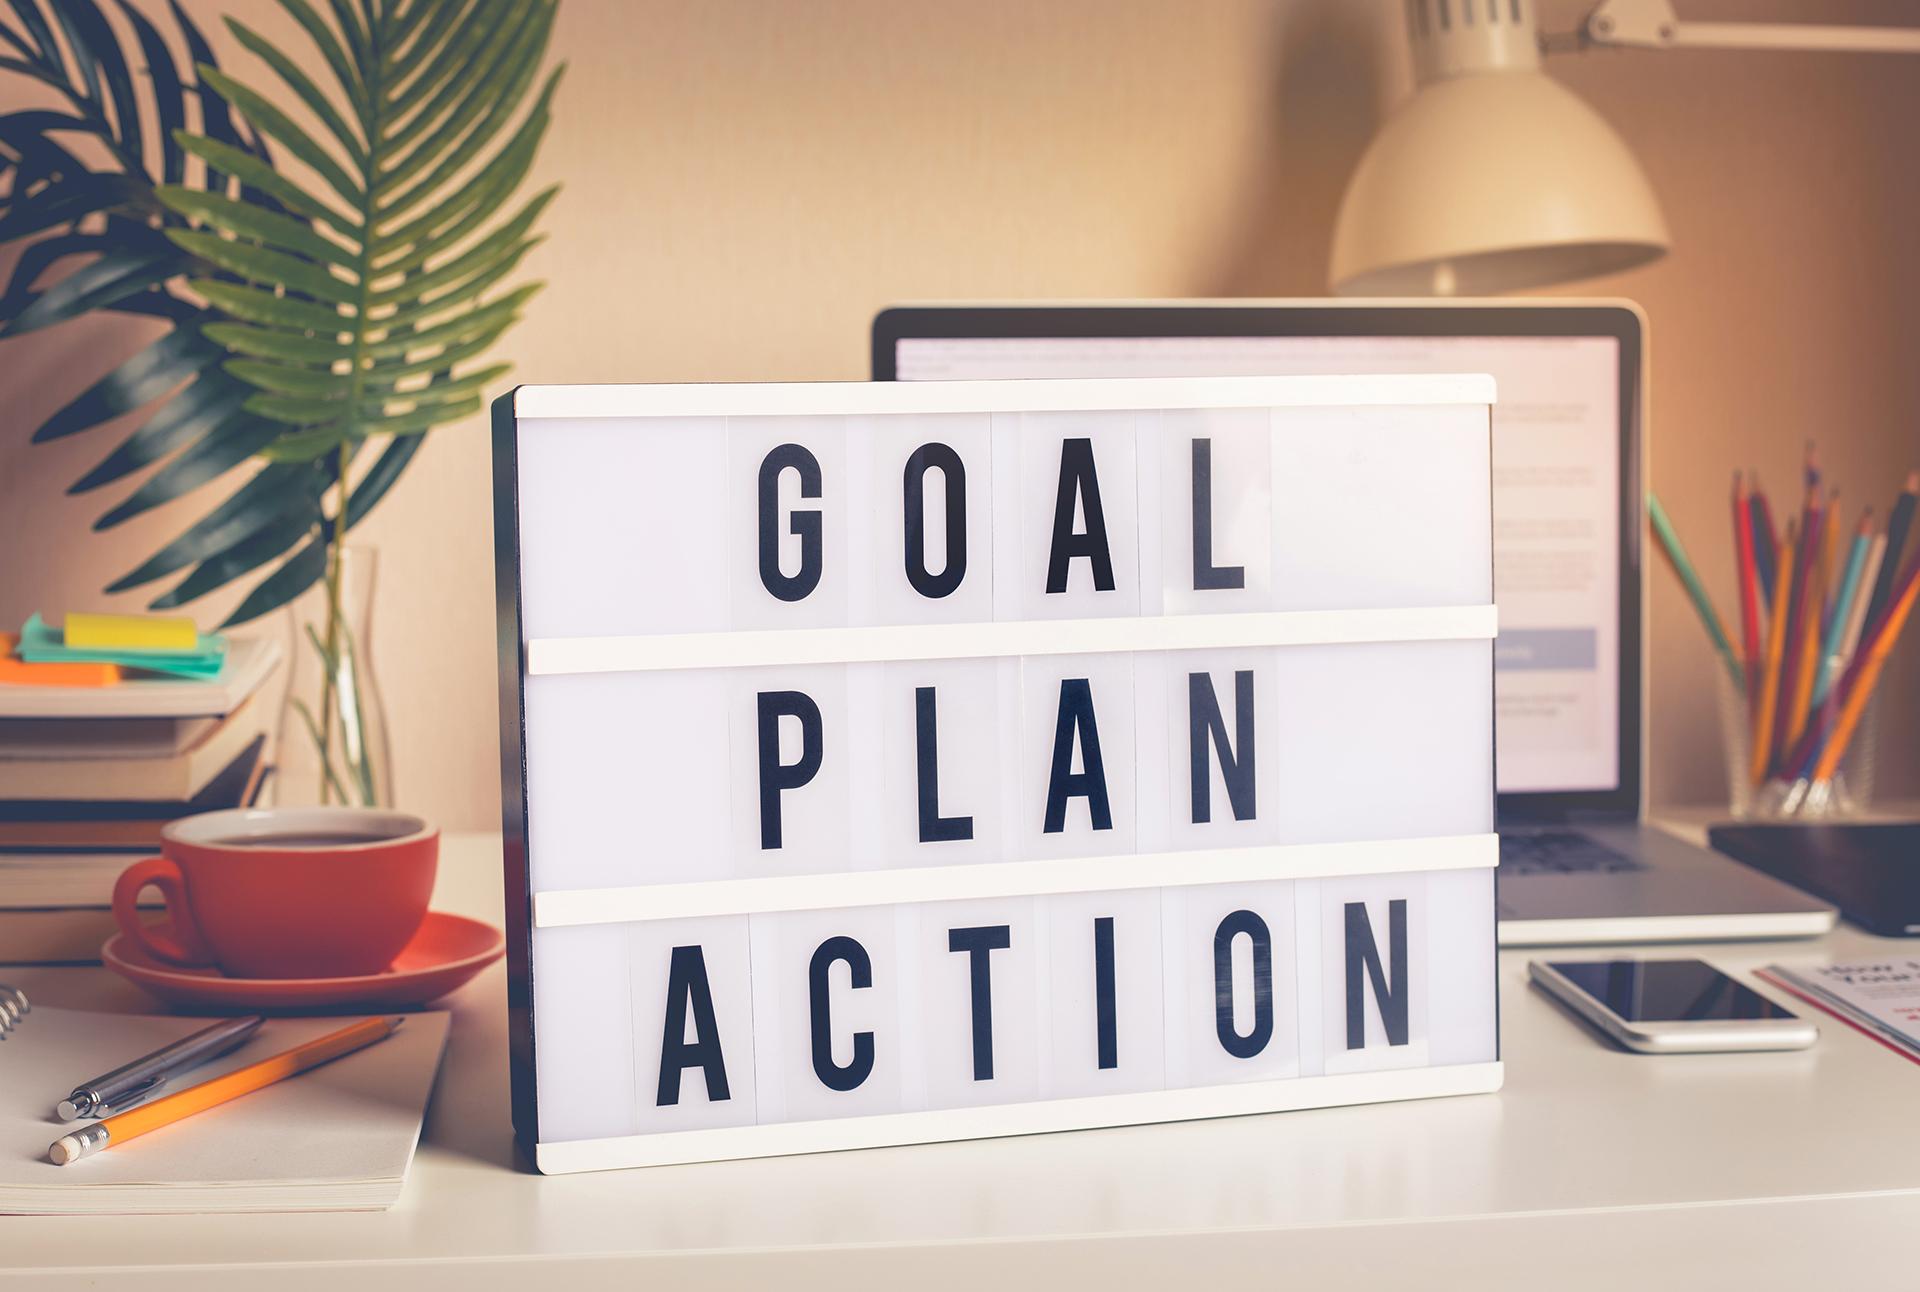 Goal,plan,action text on teksti valotaulussa pöydällä